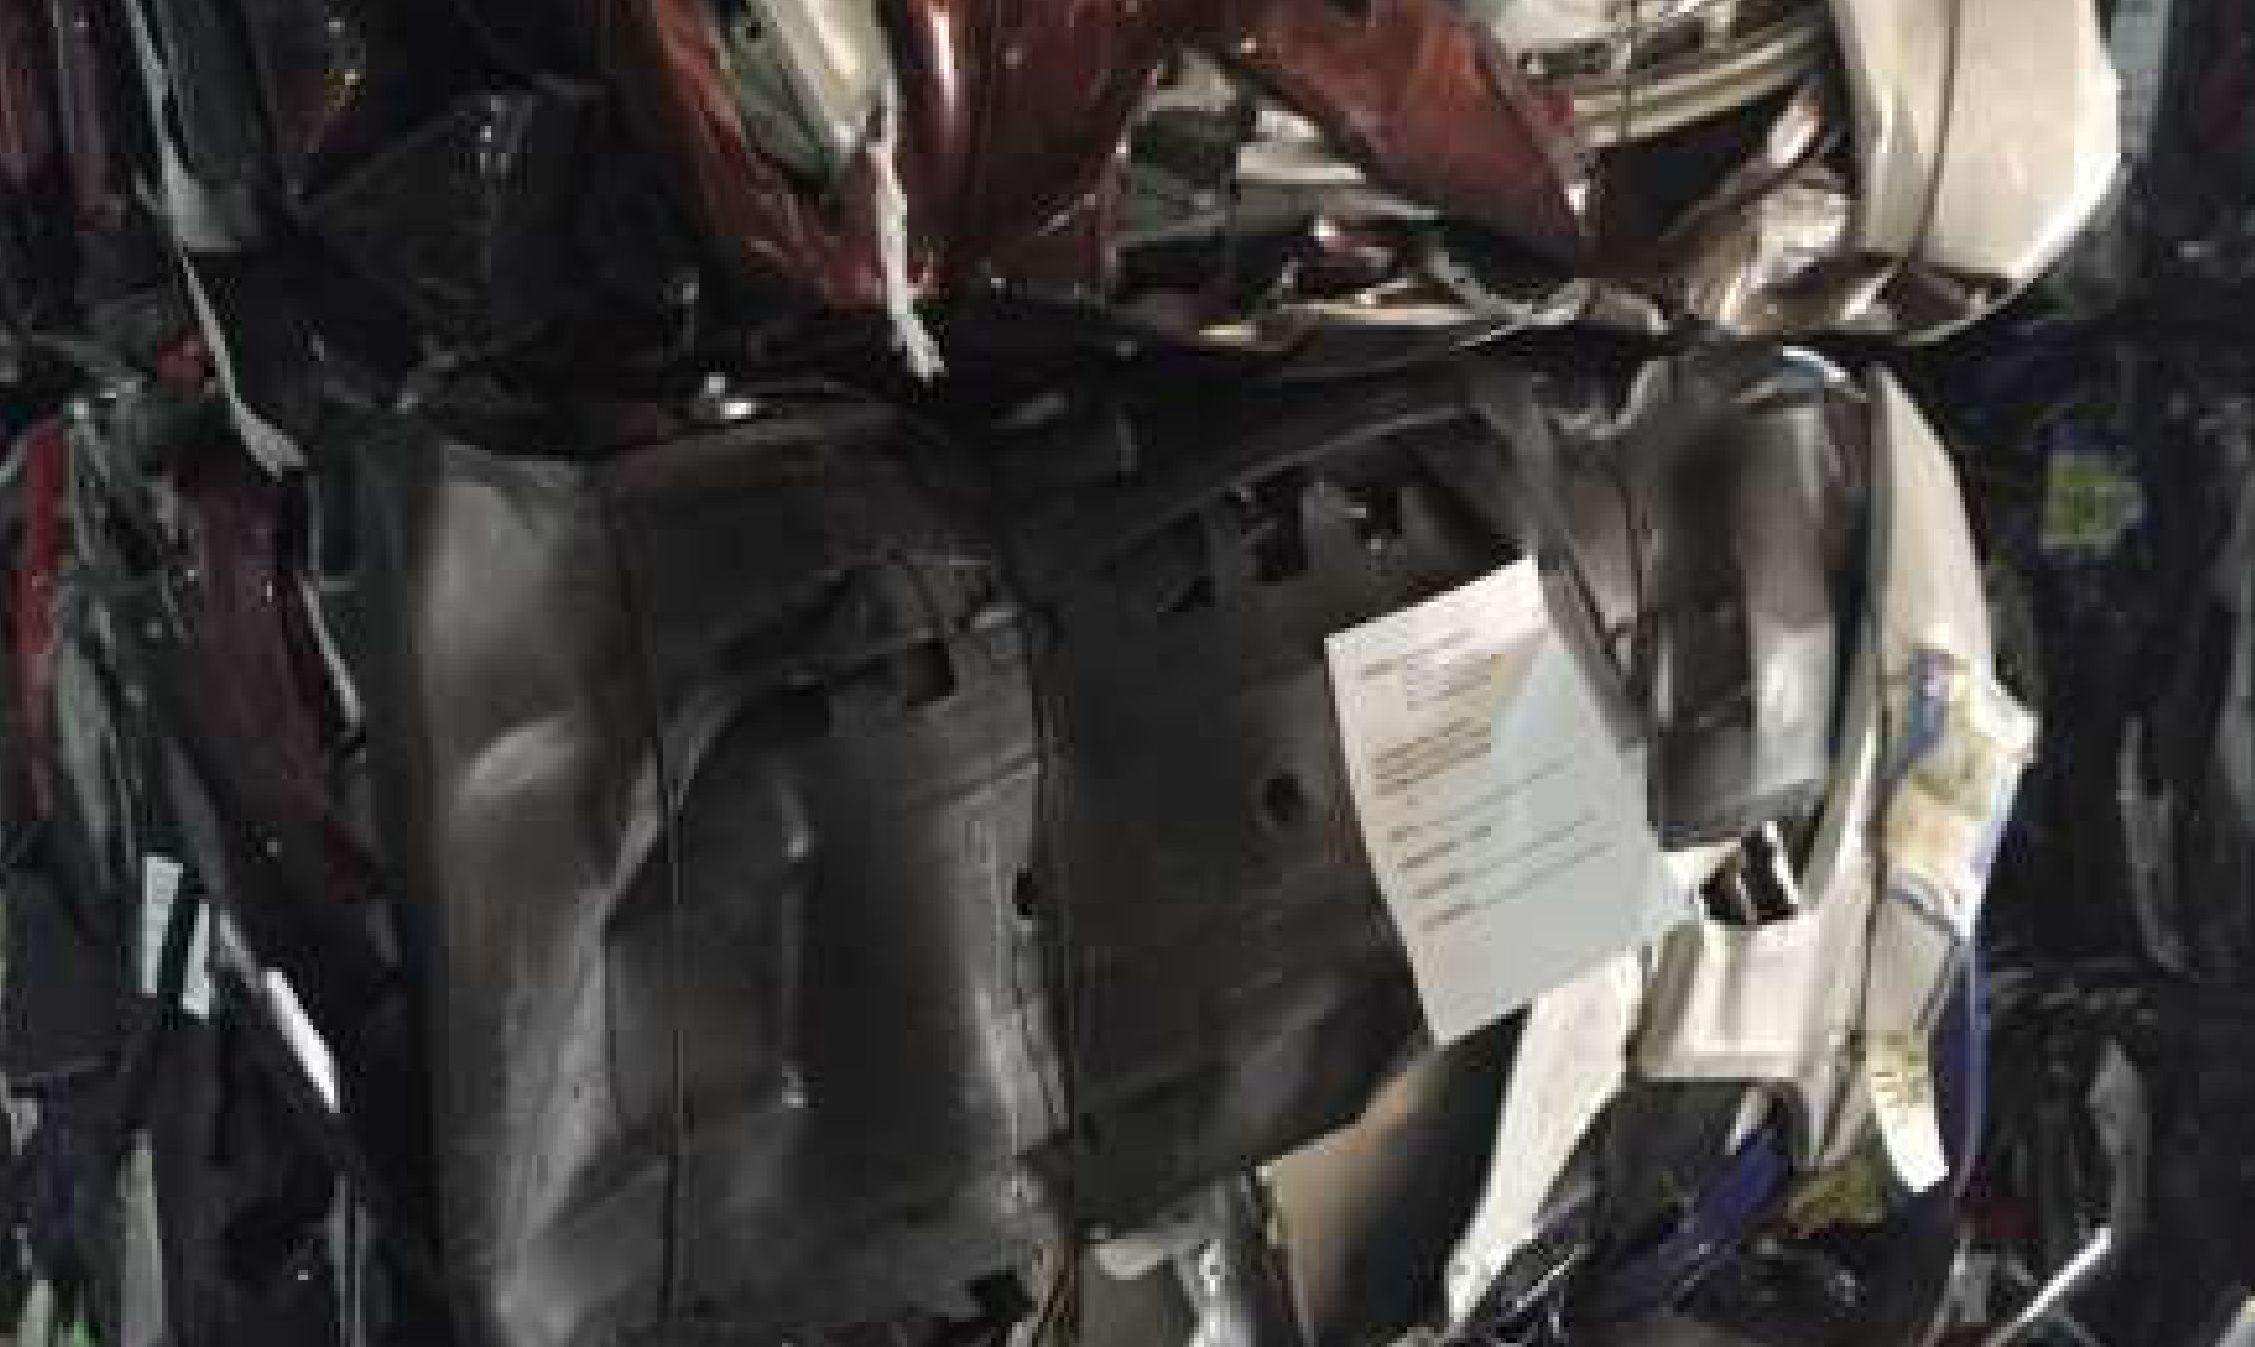 Plastics industry might want auto body shops' bumper fascias